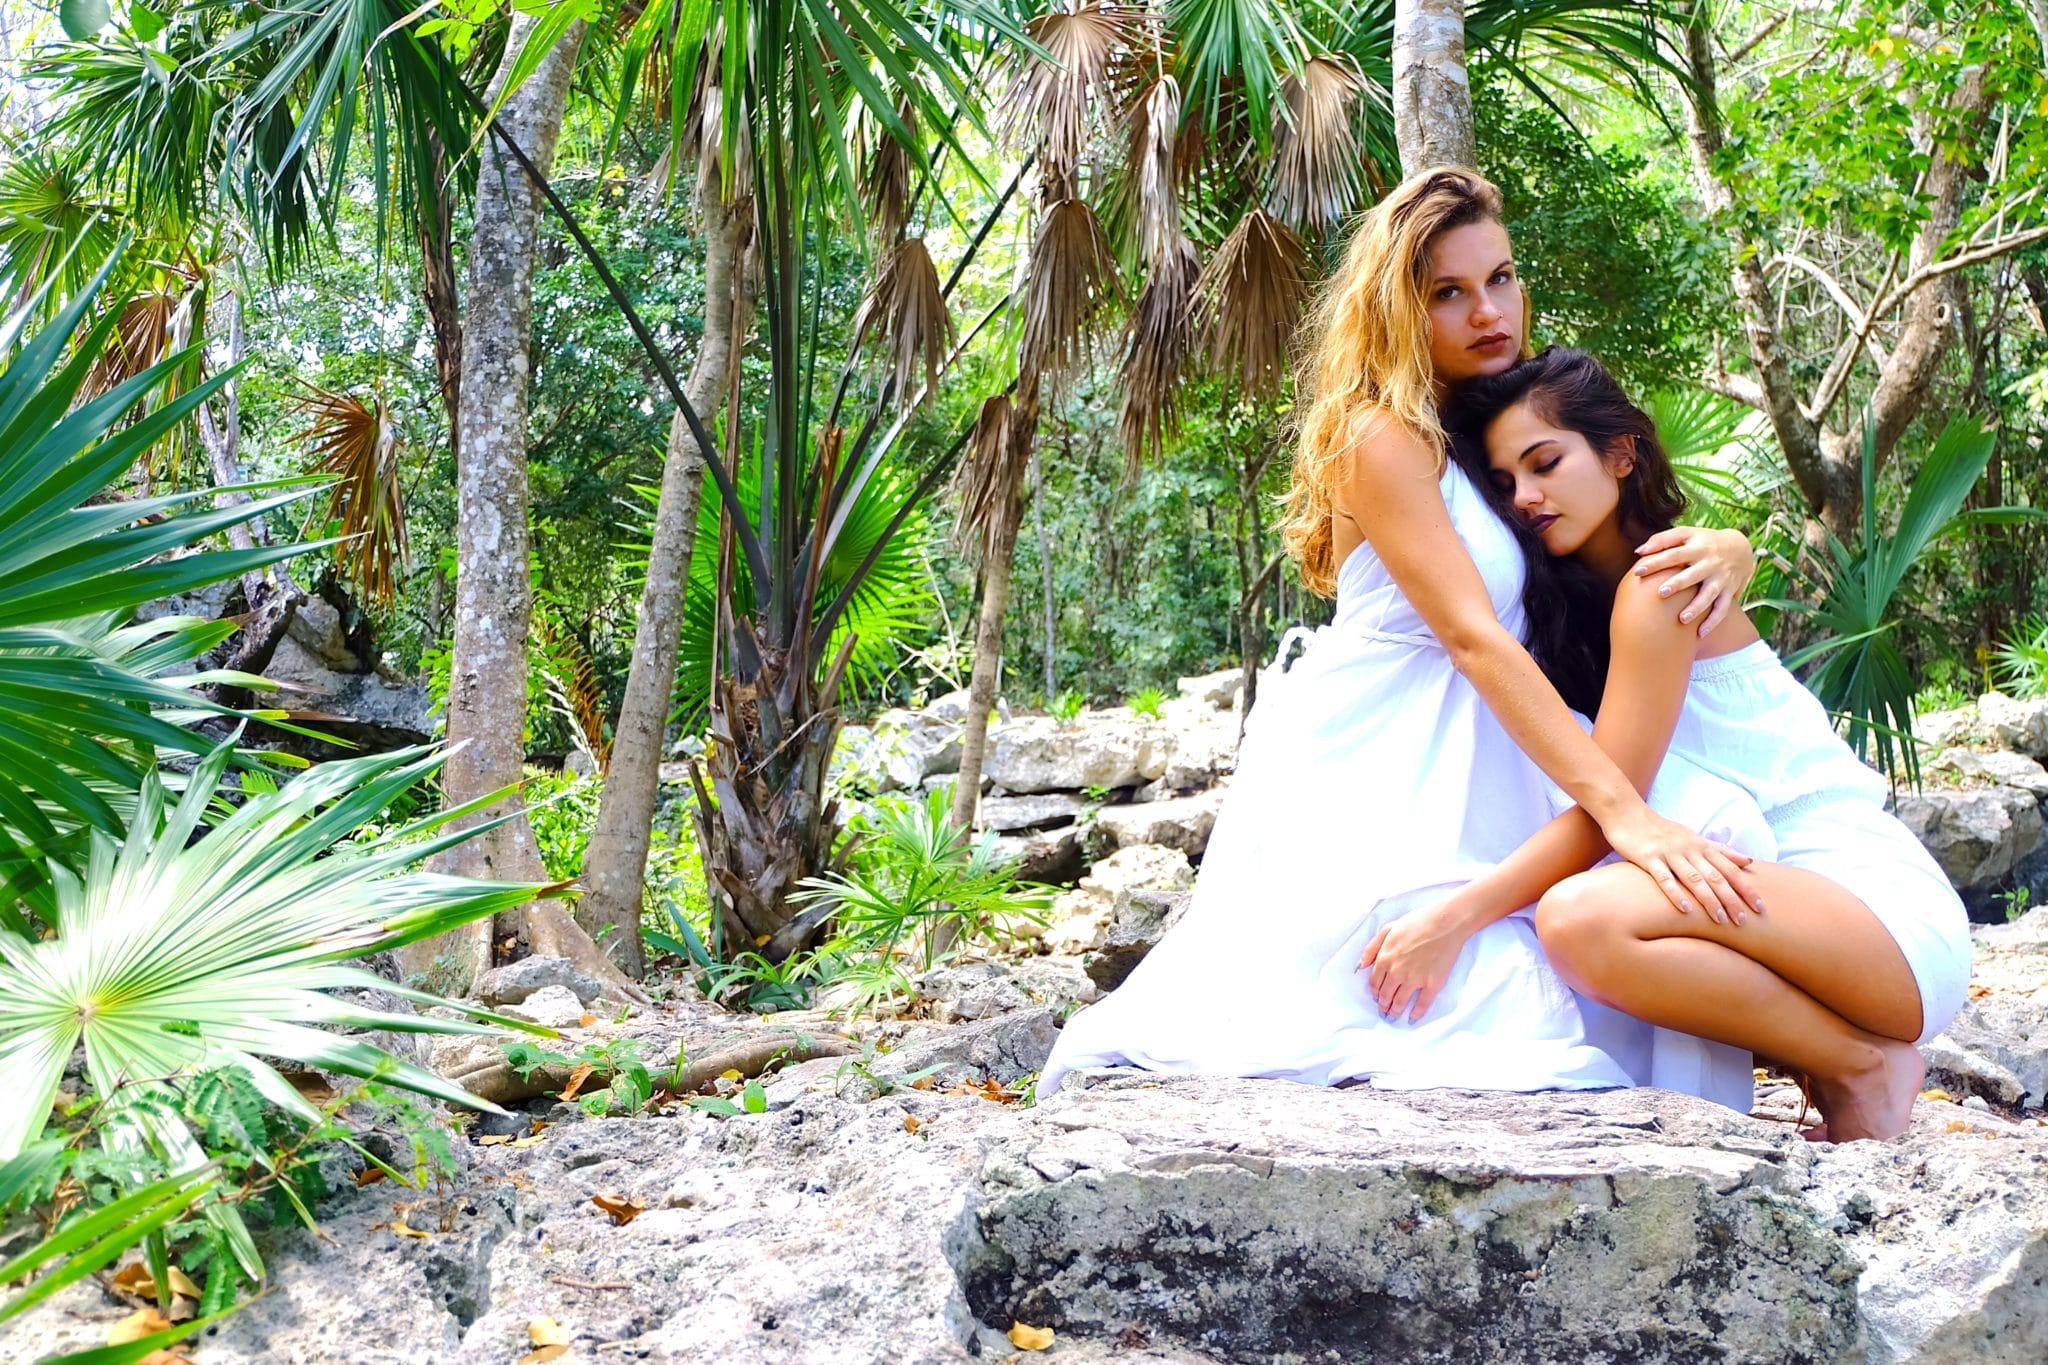 two women near trees